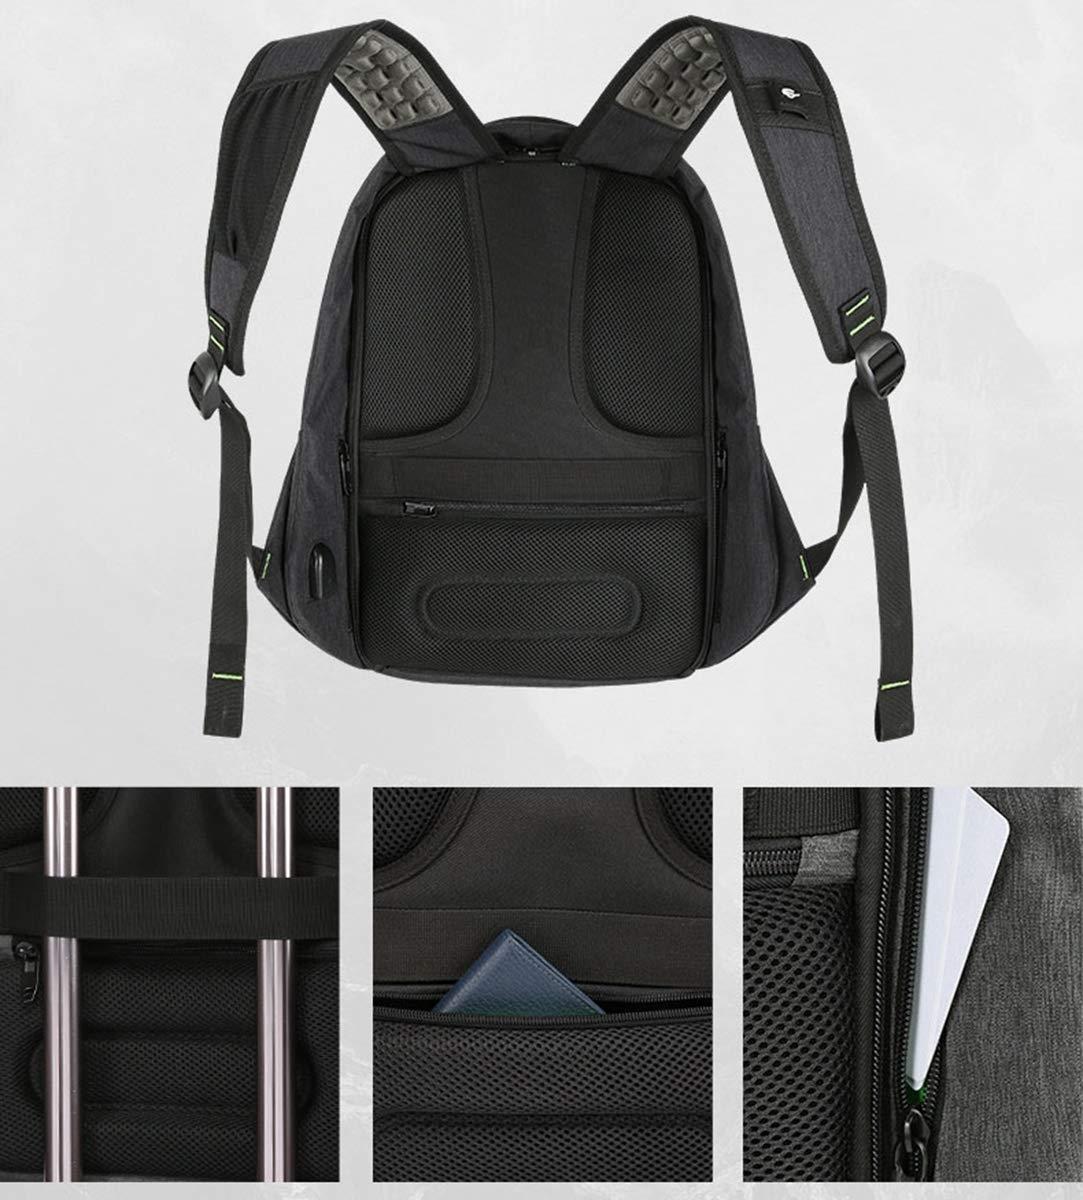 AHWZ 15,6 antirrobo Mochila antirrobo 15,6 para portátil con Carga USB y Tiras Reflectantes,Negro 687e05